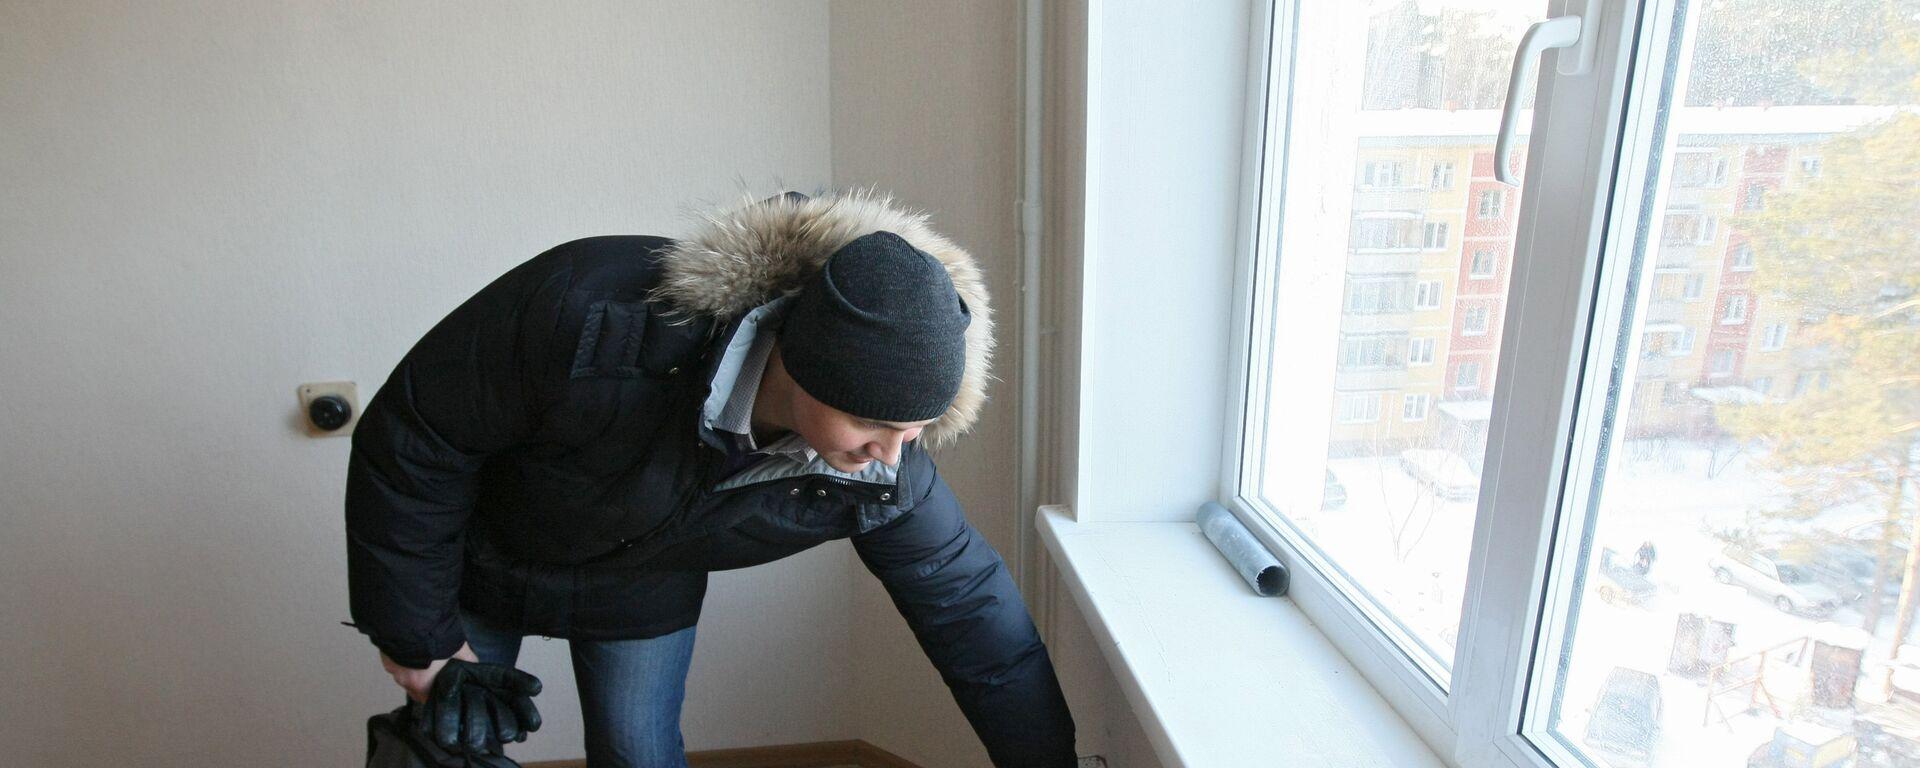 Вручение ключей от новых квартир молодым ученым - Sputnik Latvija, 1920, 25.11.2020